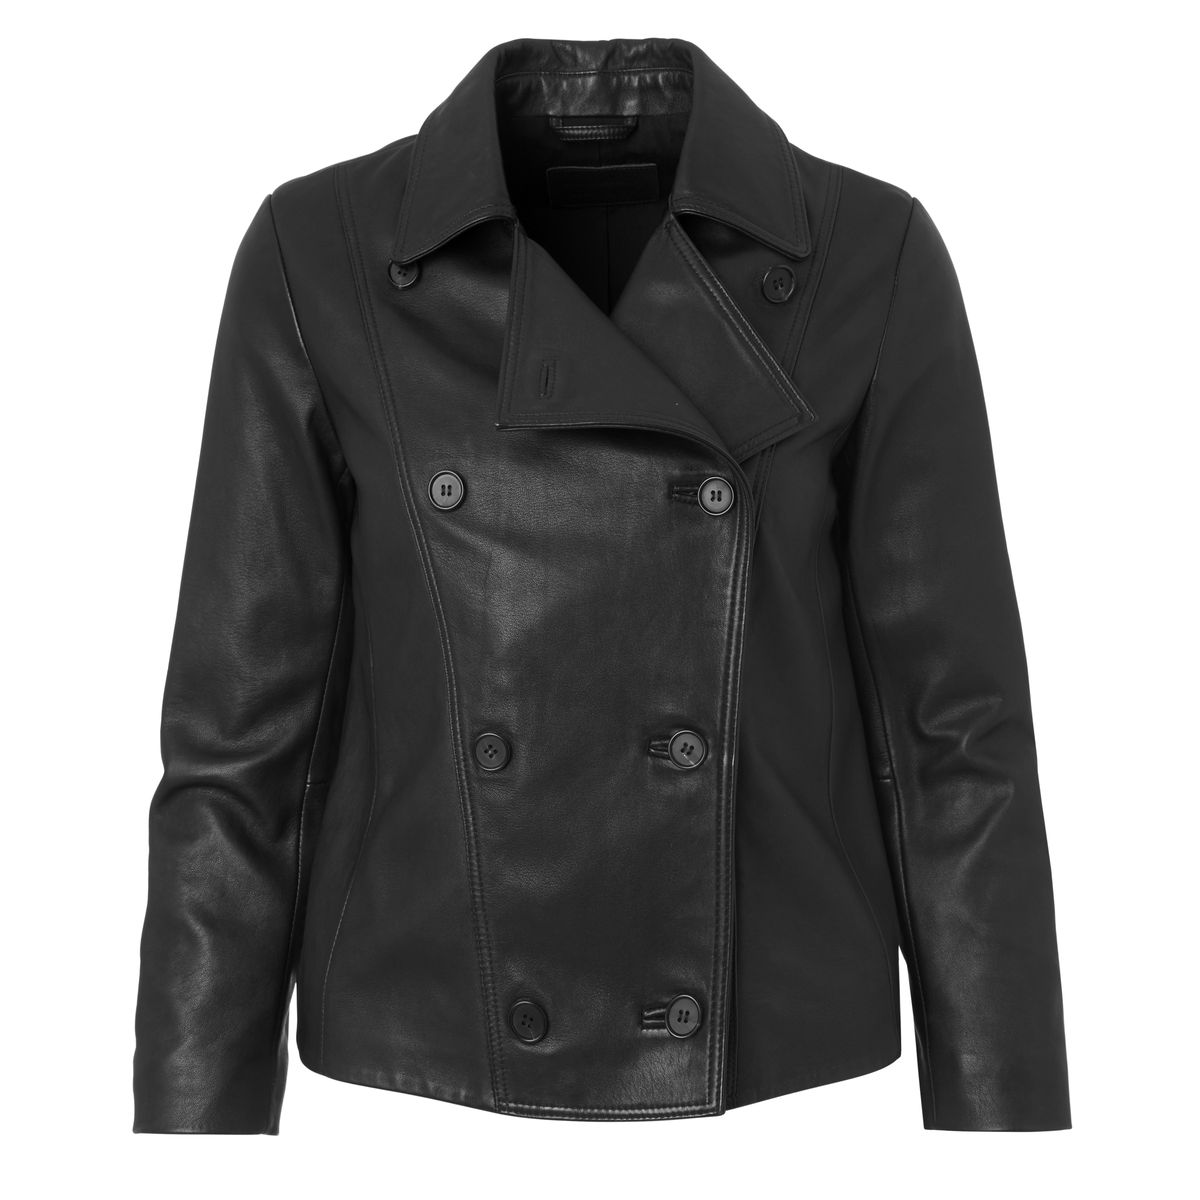 A leather blazer